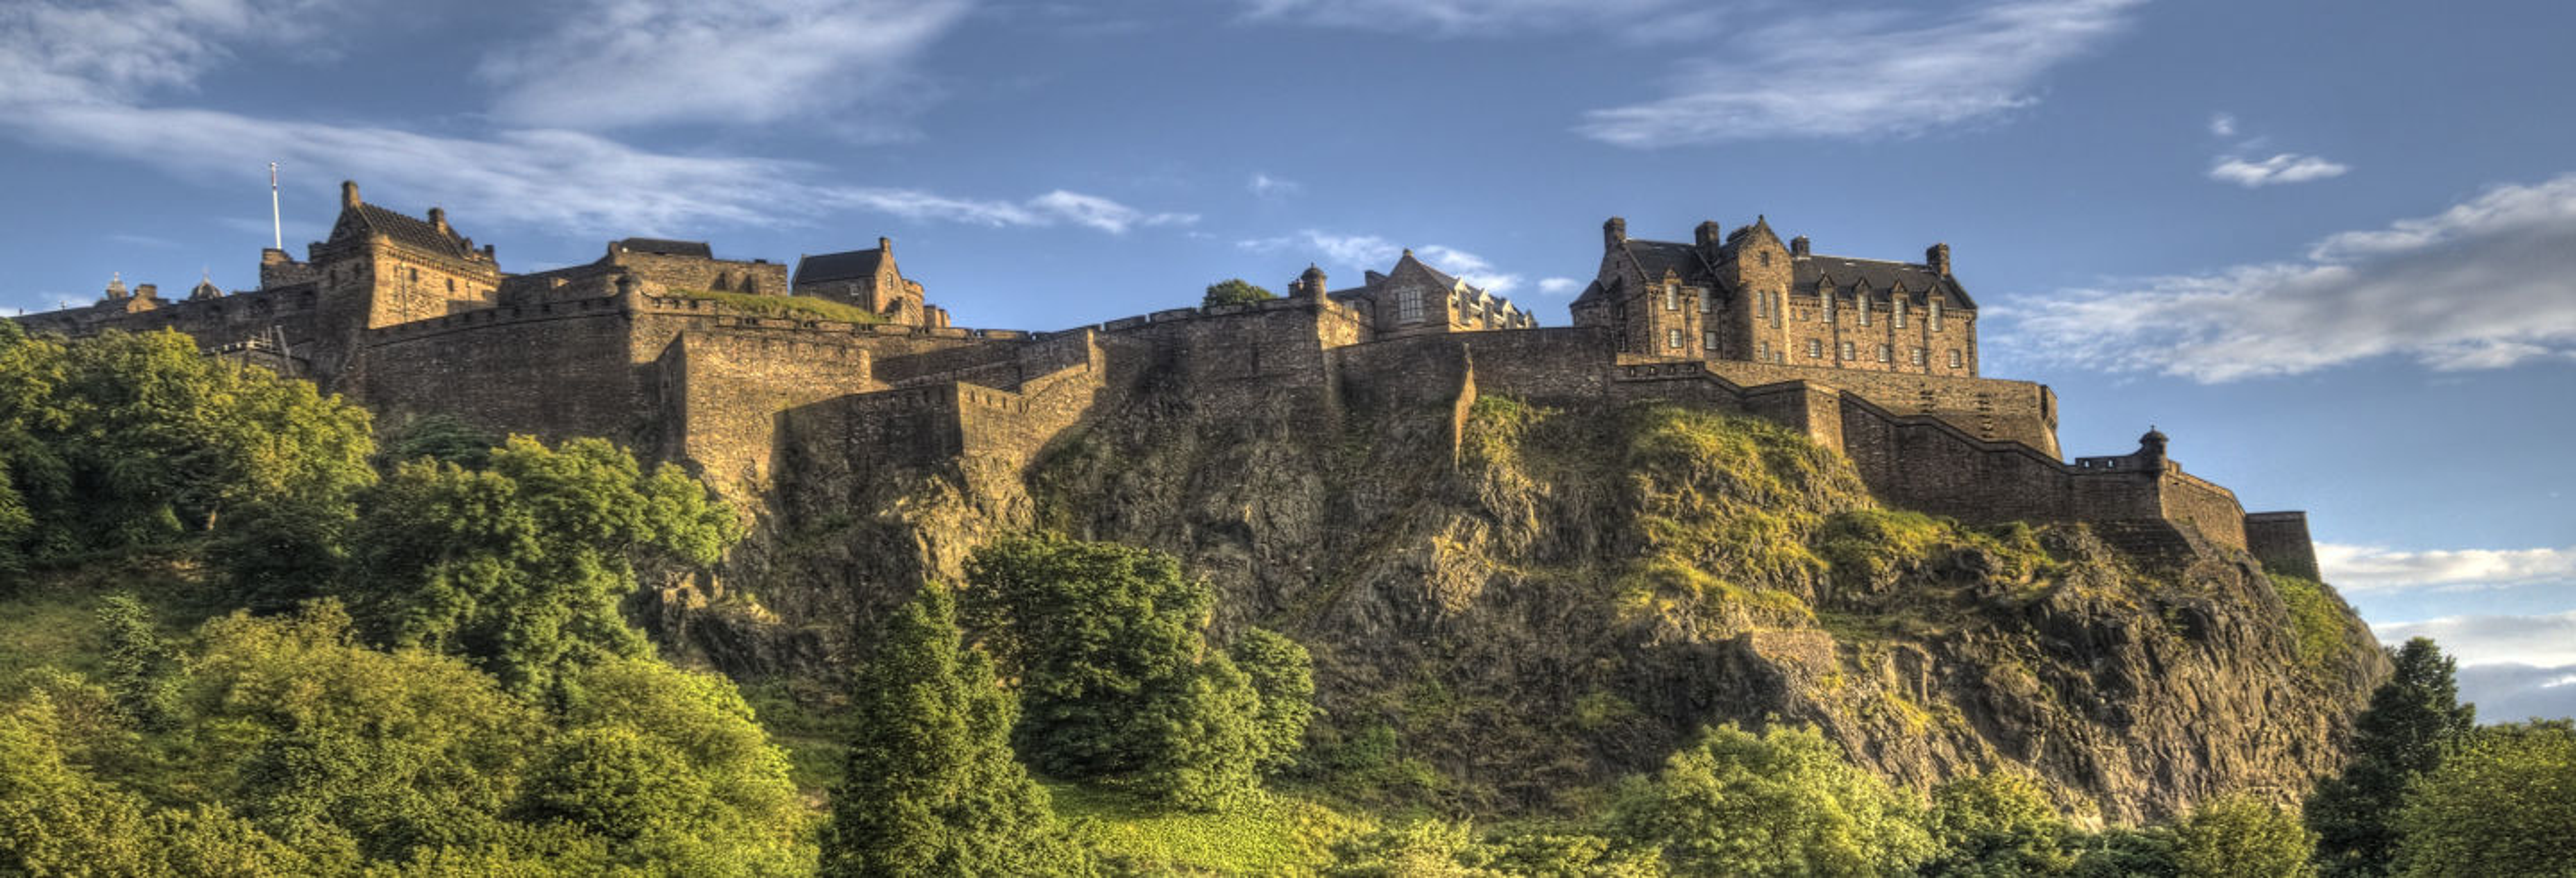 Tour del Castello di Edimburgo